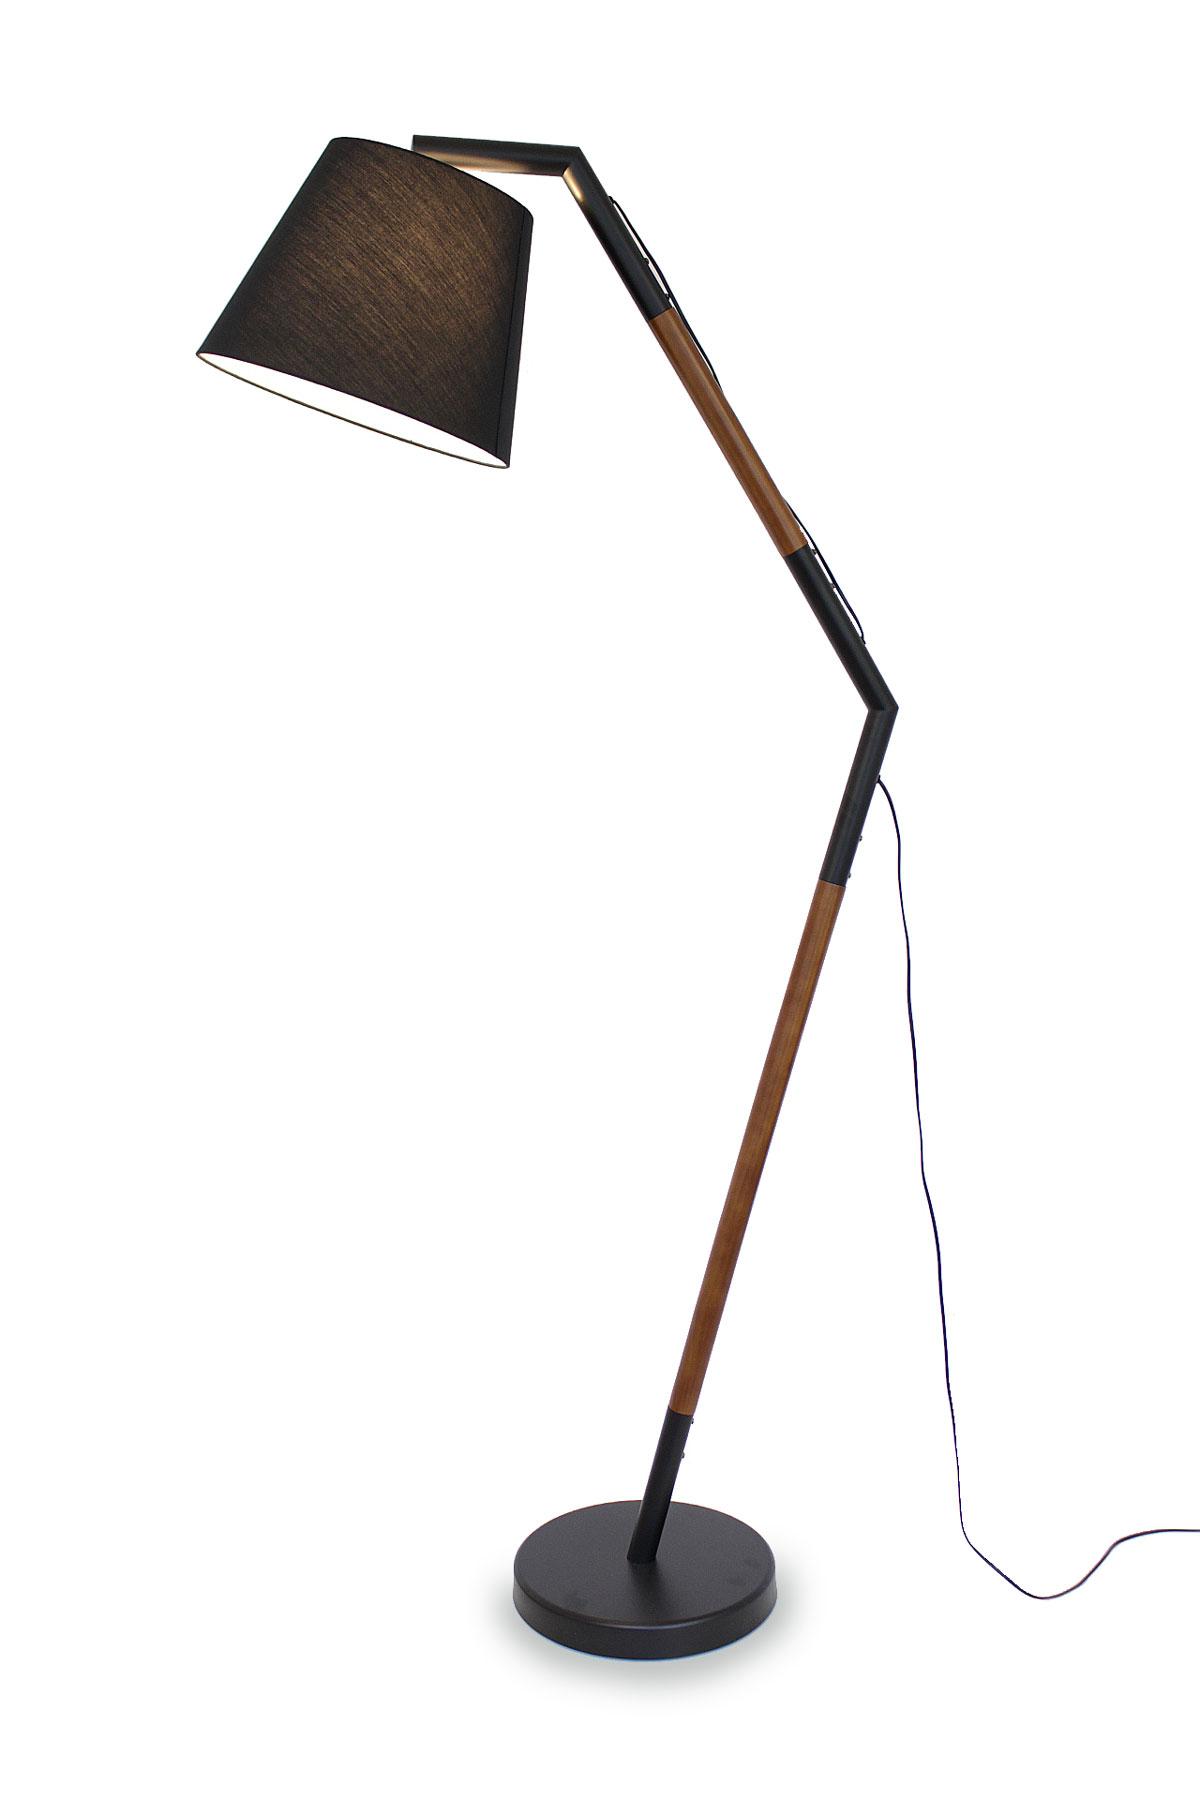 [Paket] Stehleuchte Bogenleuchte Asseri braun + schwarz Textil-Lampenschirm 189 cm 10954